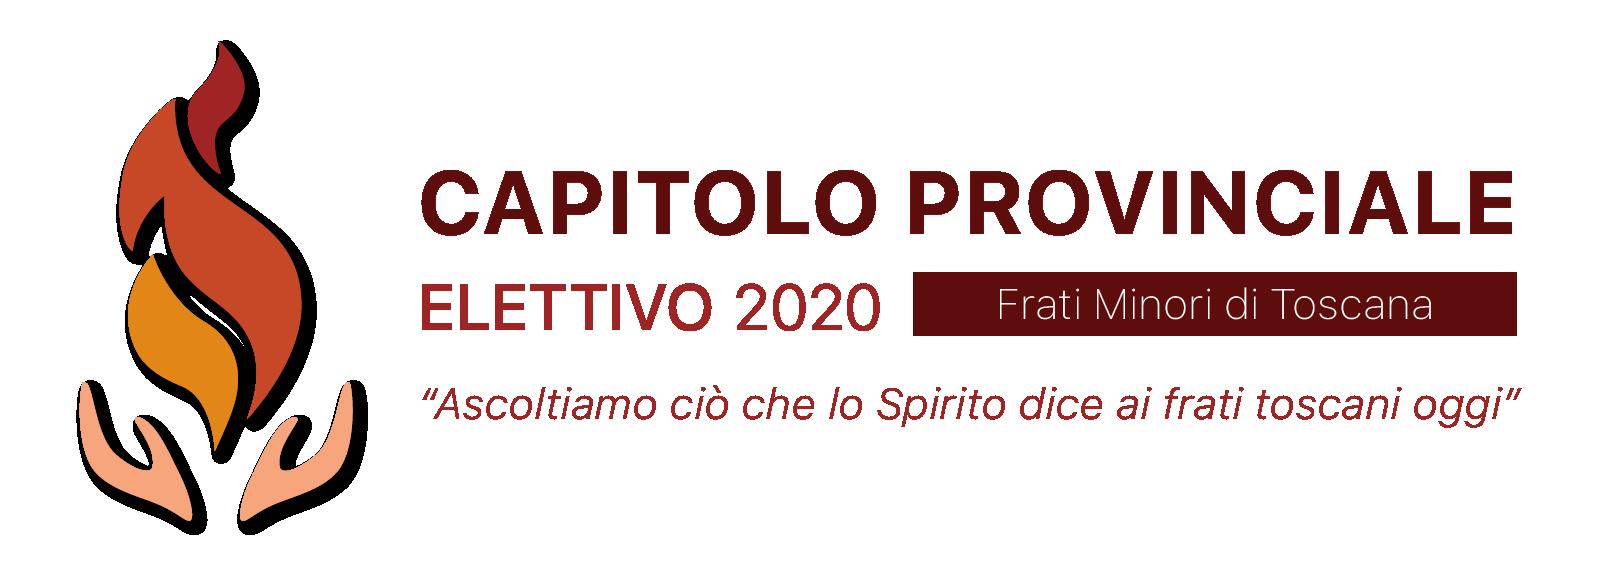 Capitolo Elettivo 2020